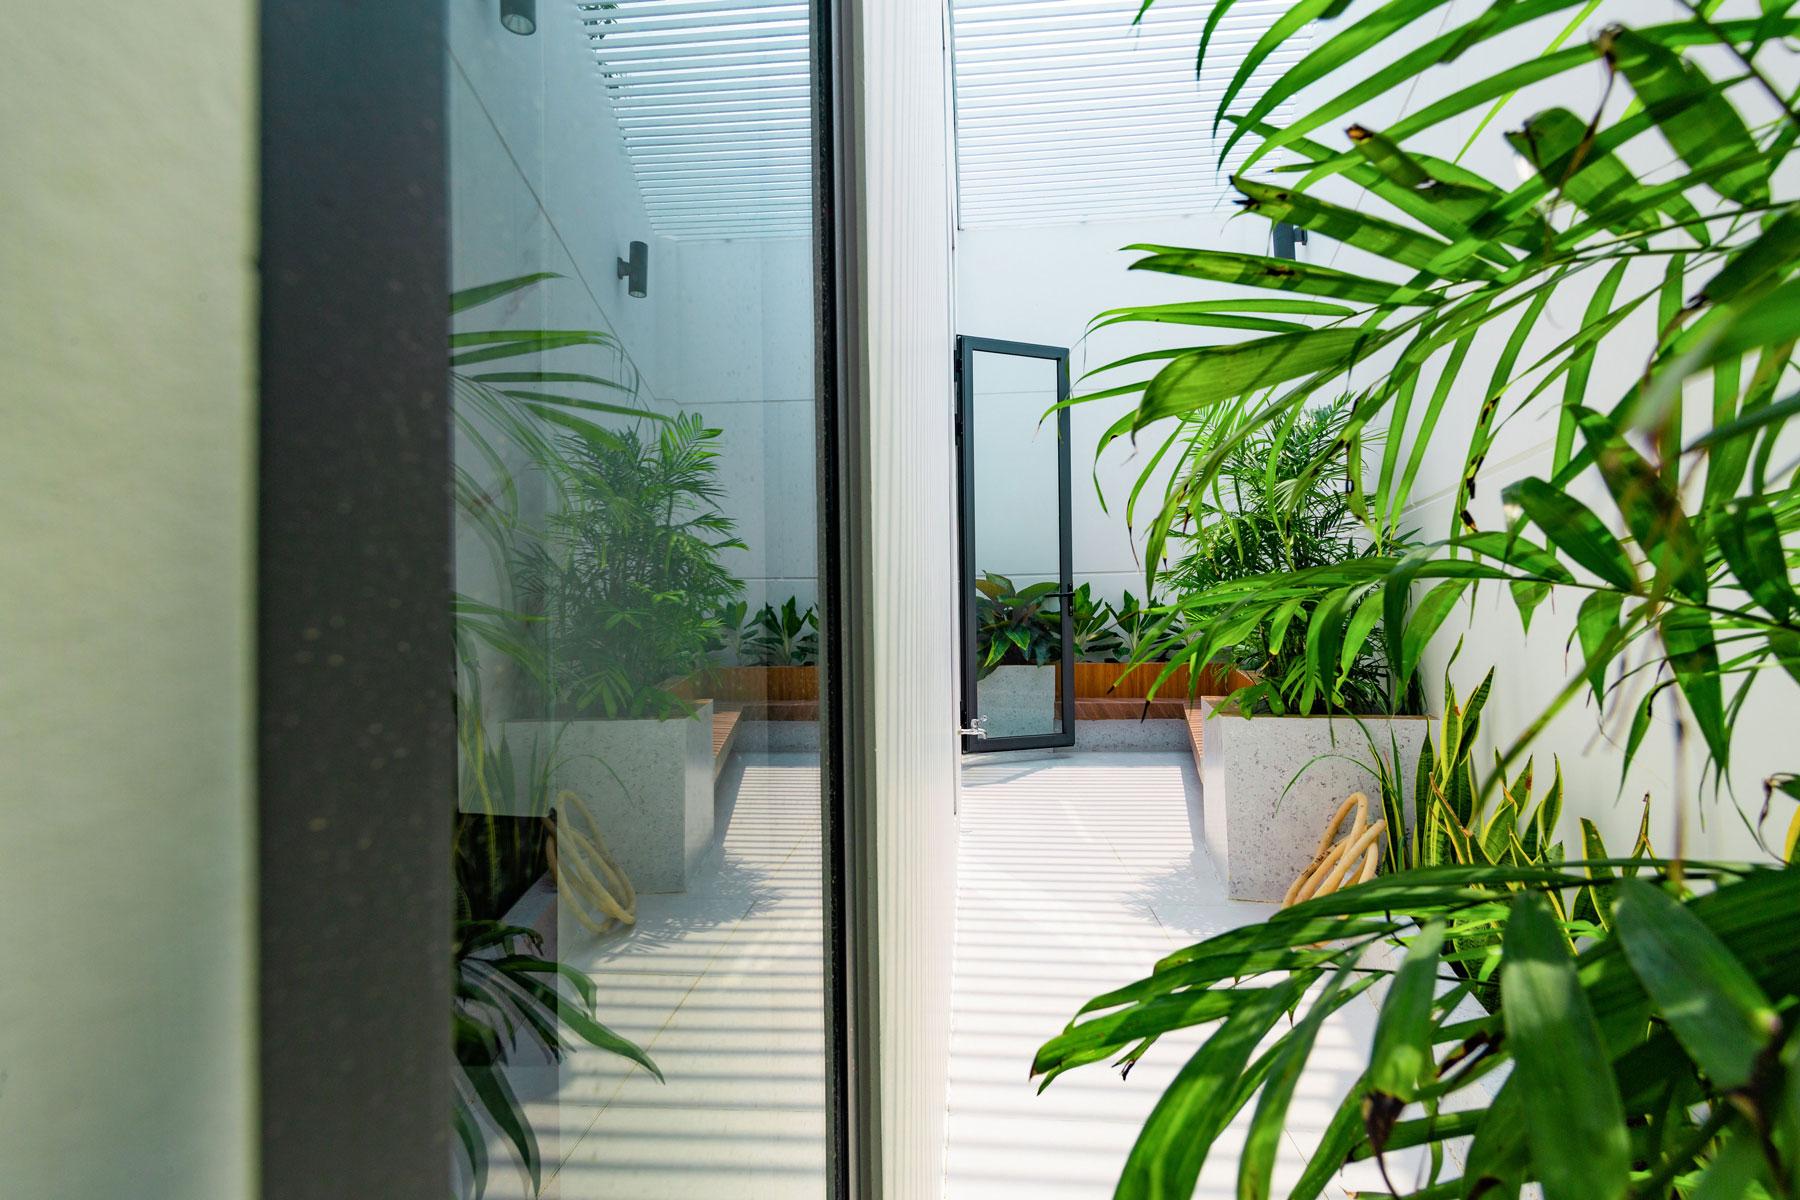 hien nha noi that nha hien dai 1 tang dep Biệt thự vườn nhà 1 tầng hiện đại 8x19m kiểu phương Tây không gian mở ở Biên Hòa